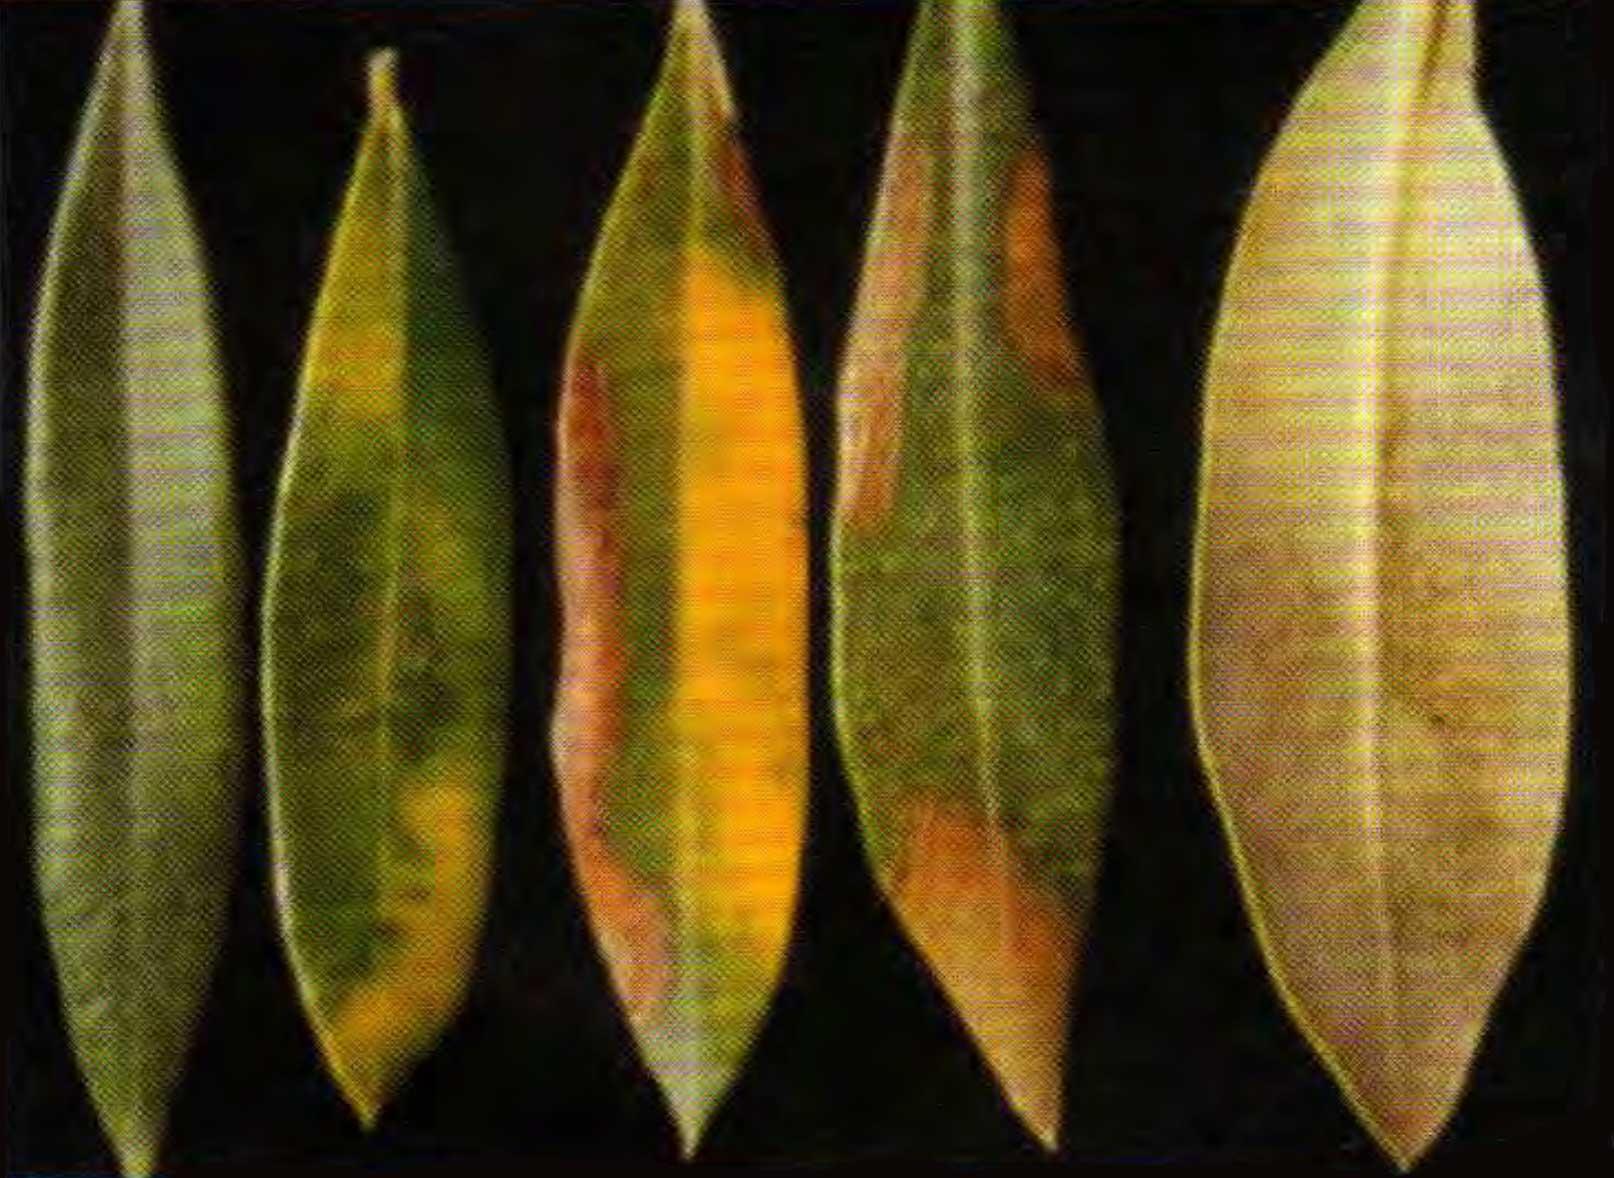 El emplomado del olivo, una grave enfermedad poco conocida